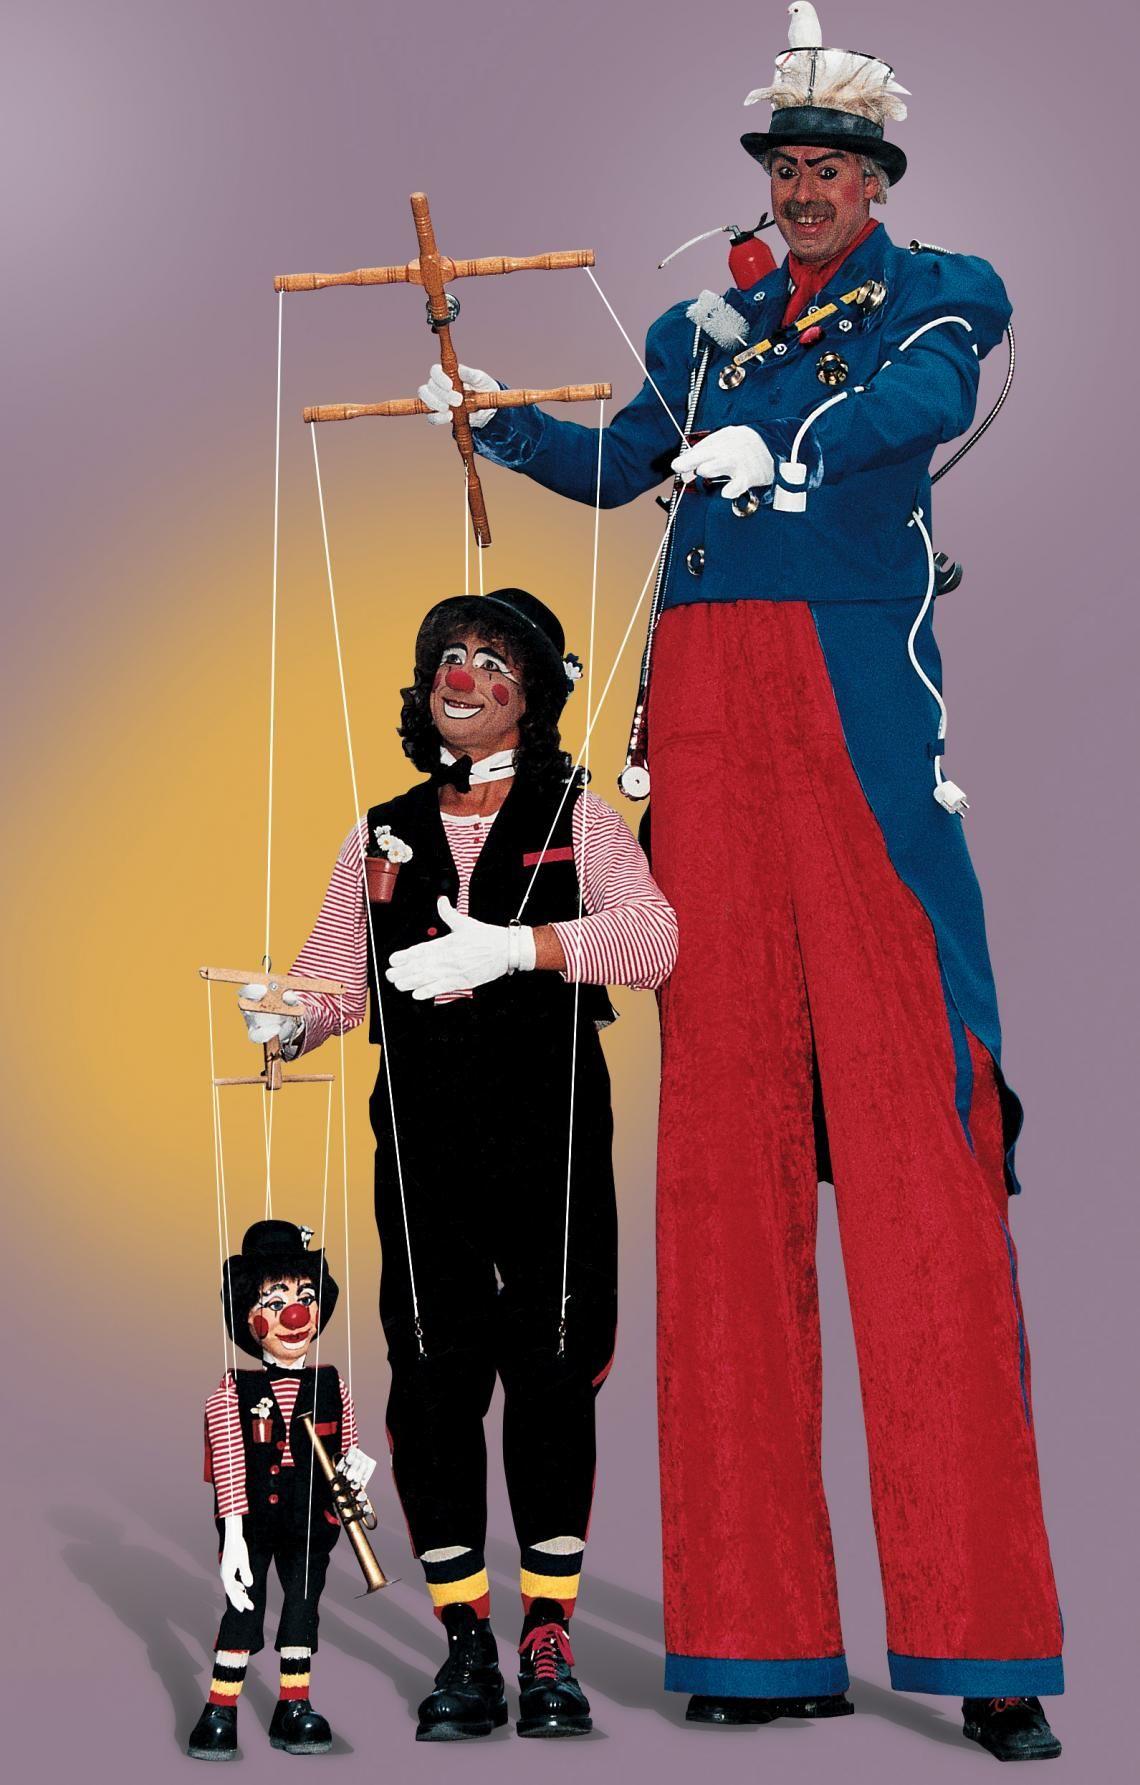 """PICO BELLO's """"La Marionetta"""" - die größte Marionette der Welt! PICO BELLO's """"La Marionetta"""" - die größte Marionette der Welt! """"...Mensch oder Puppe..?"""", staunen die Zuschauer bei dieser fantastischen Variete-Show, die auch international als etwas ganz besonderes gilt."""